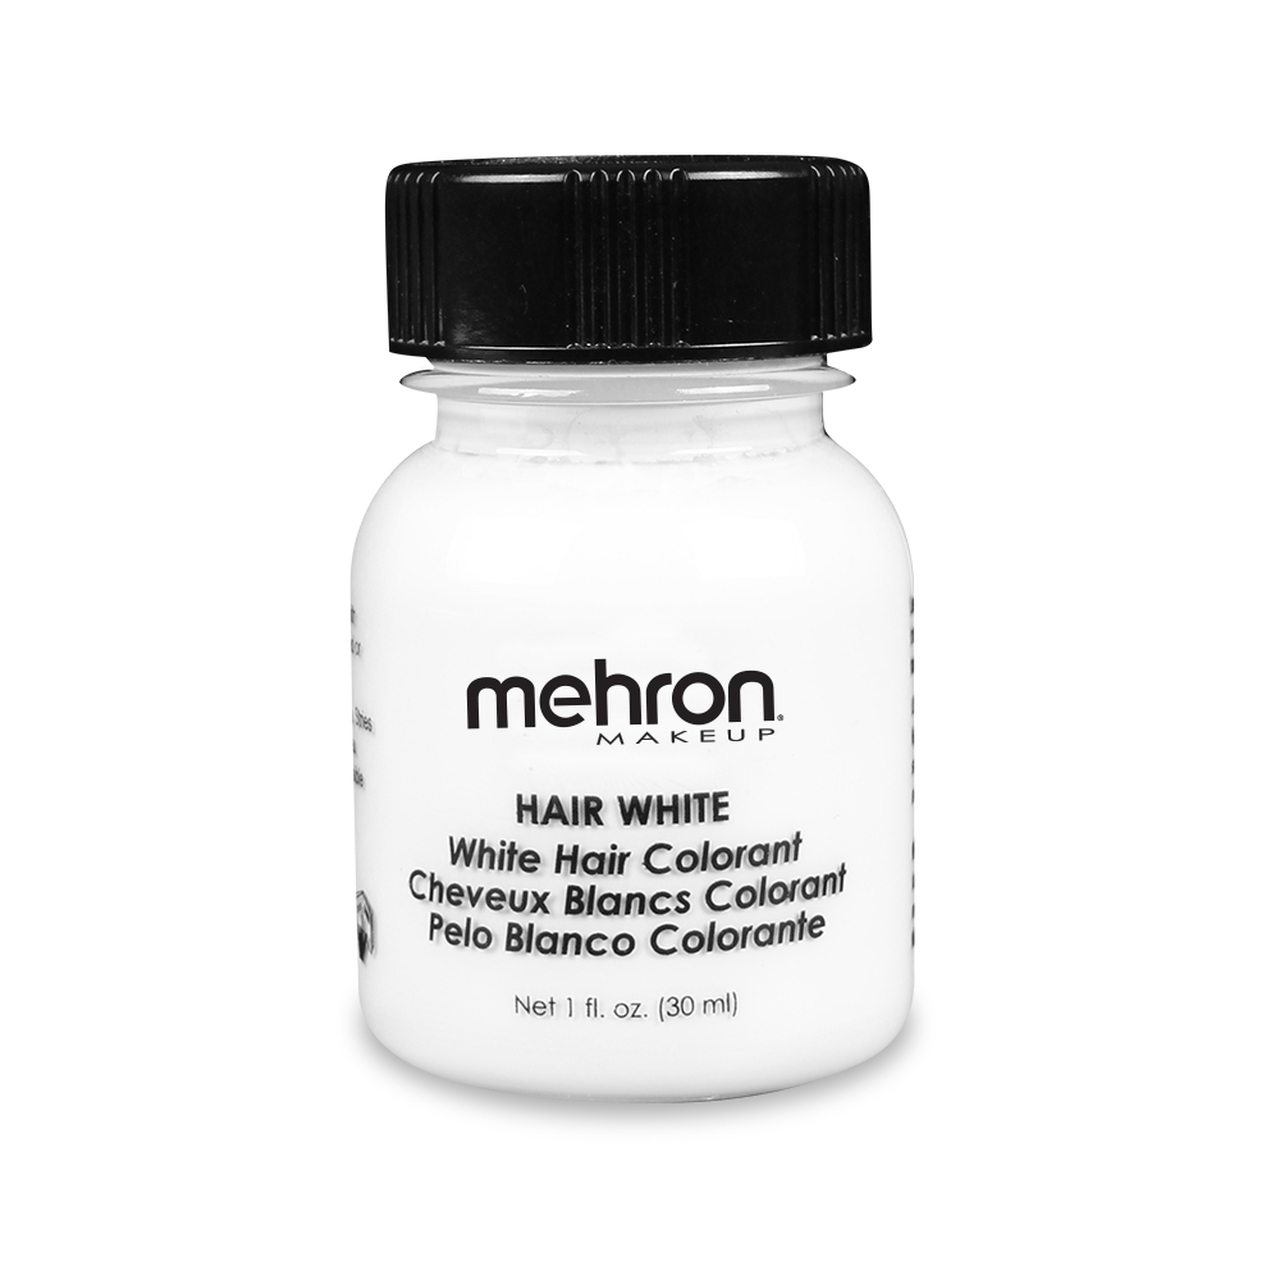 Mehron hair White